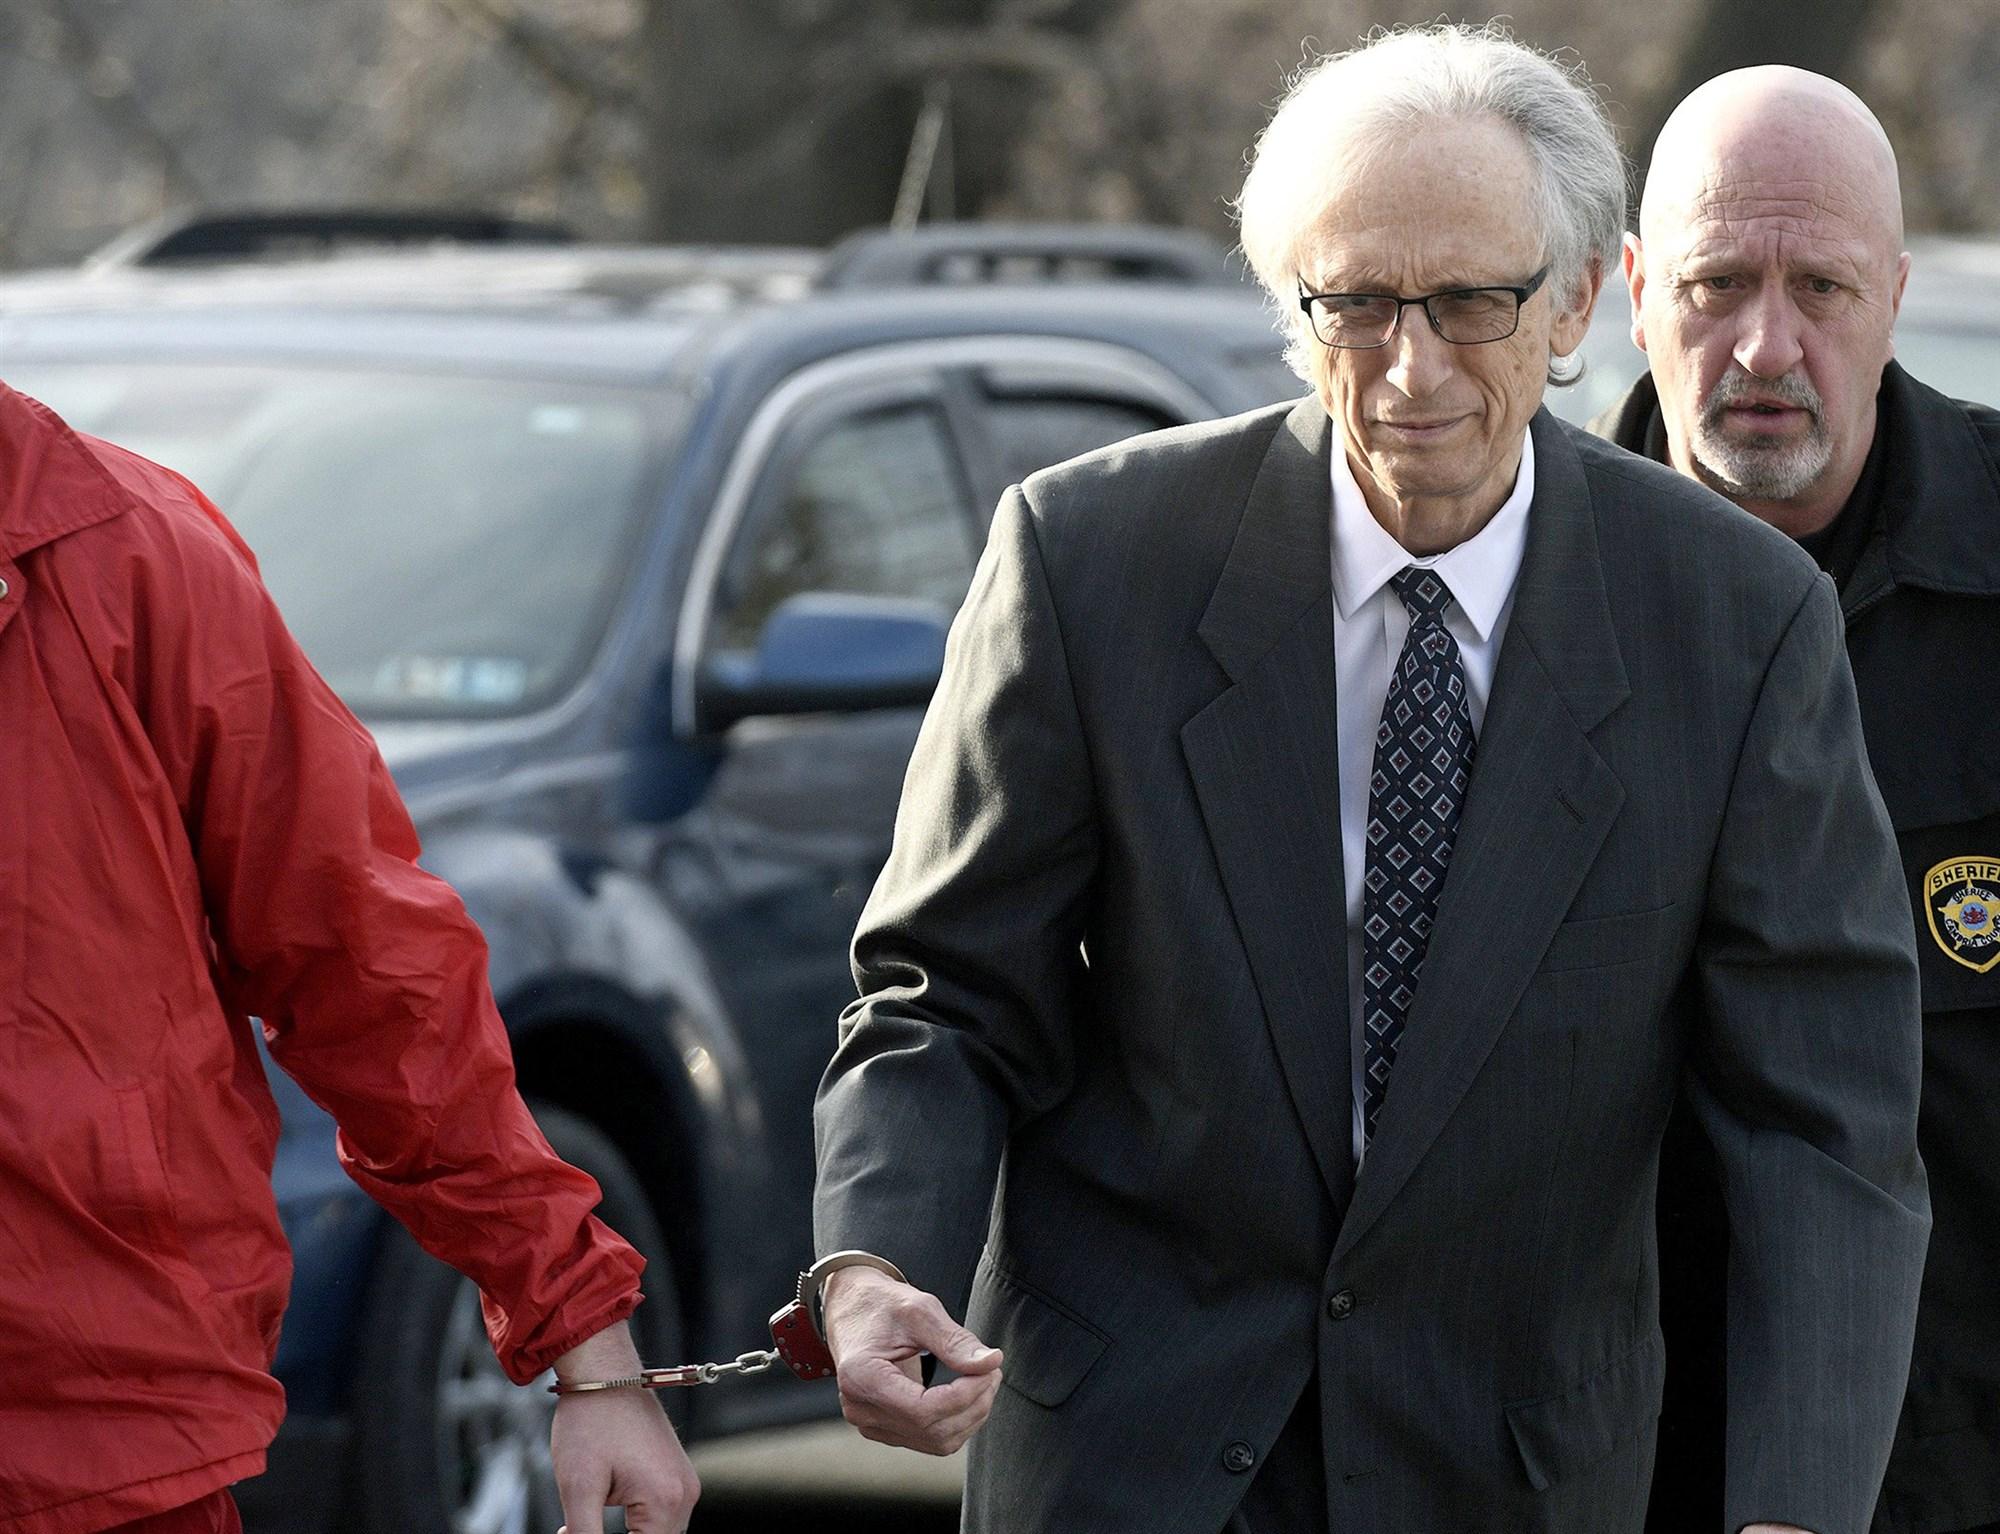 线上与线下配资的区别,美国71岁前儿科医生获刑158年 利用诊疗性侵31名幼童